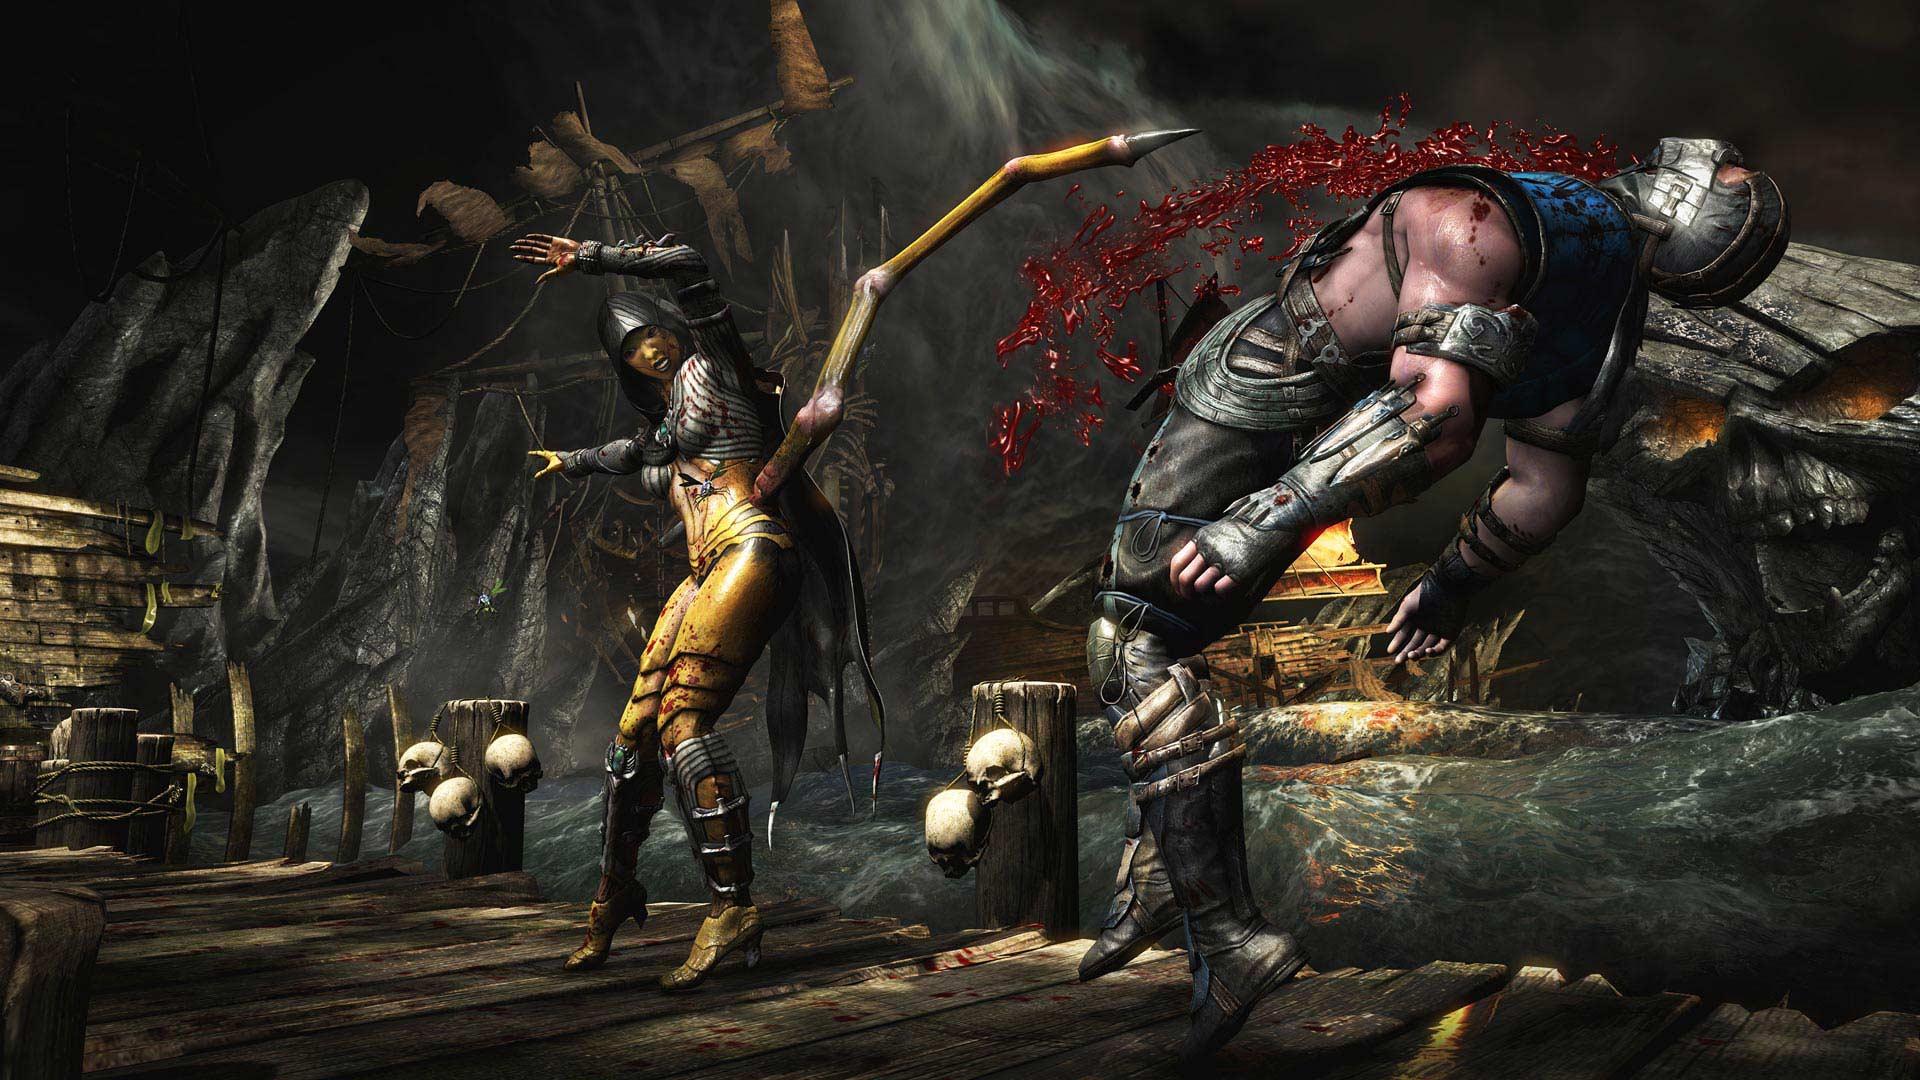 I 10 Migliori Videogiochi Del Decennio 3 - Hynerd.it